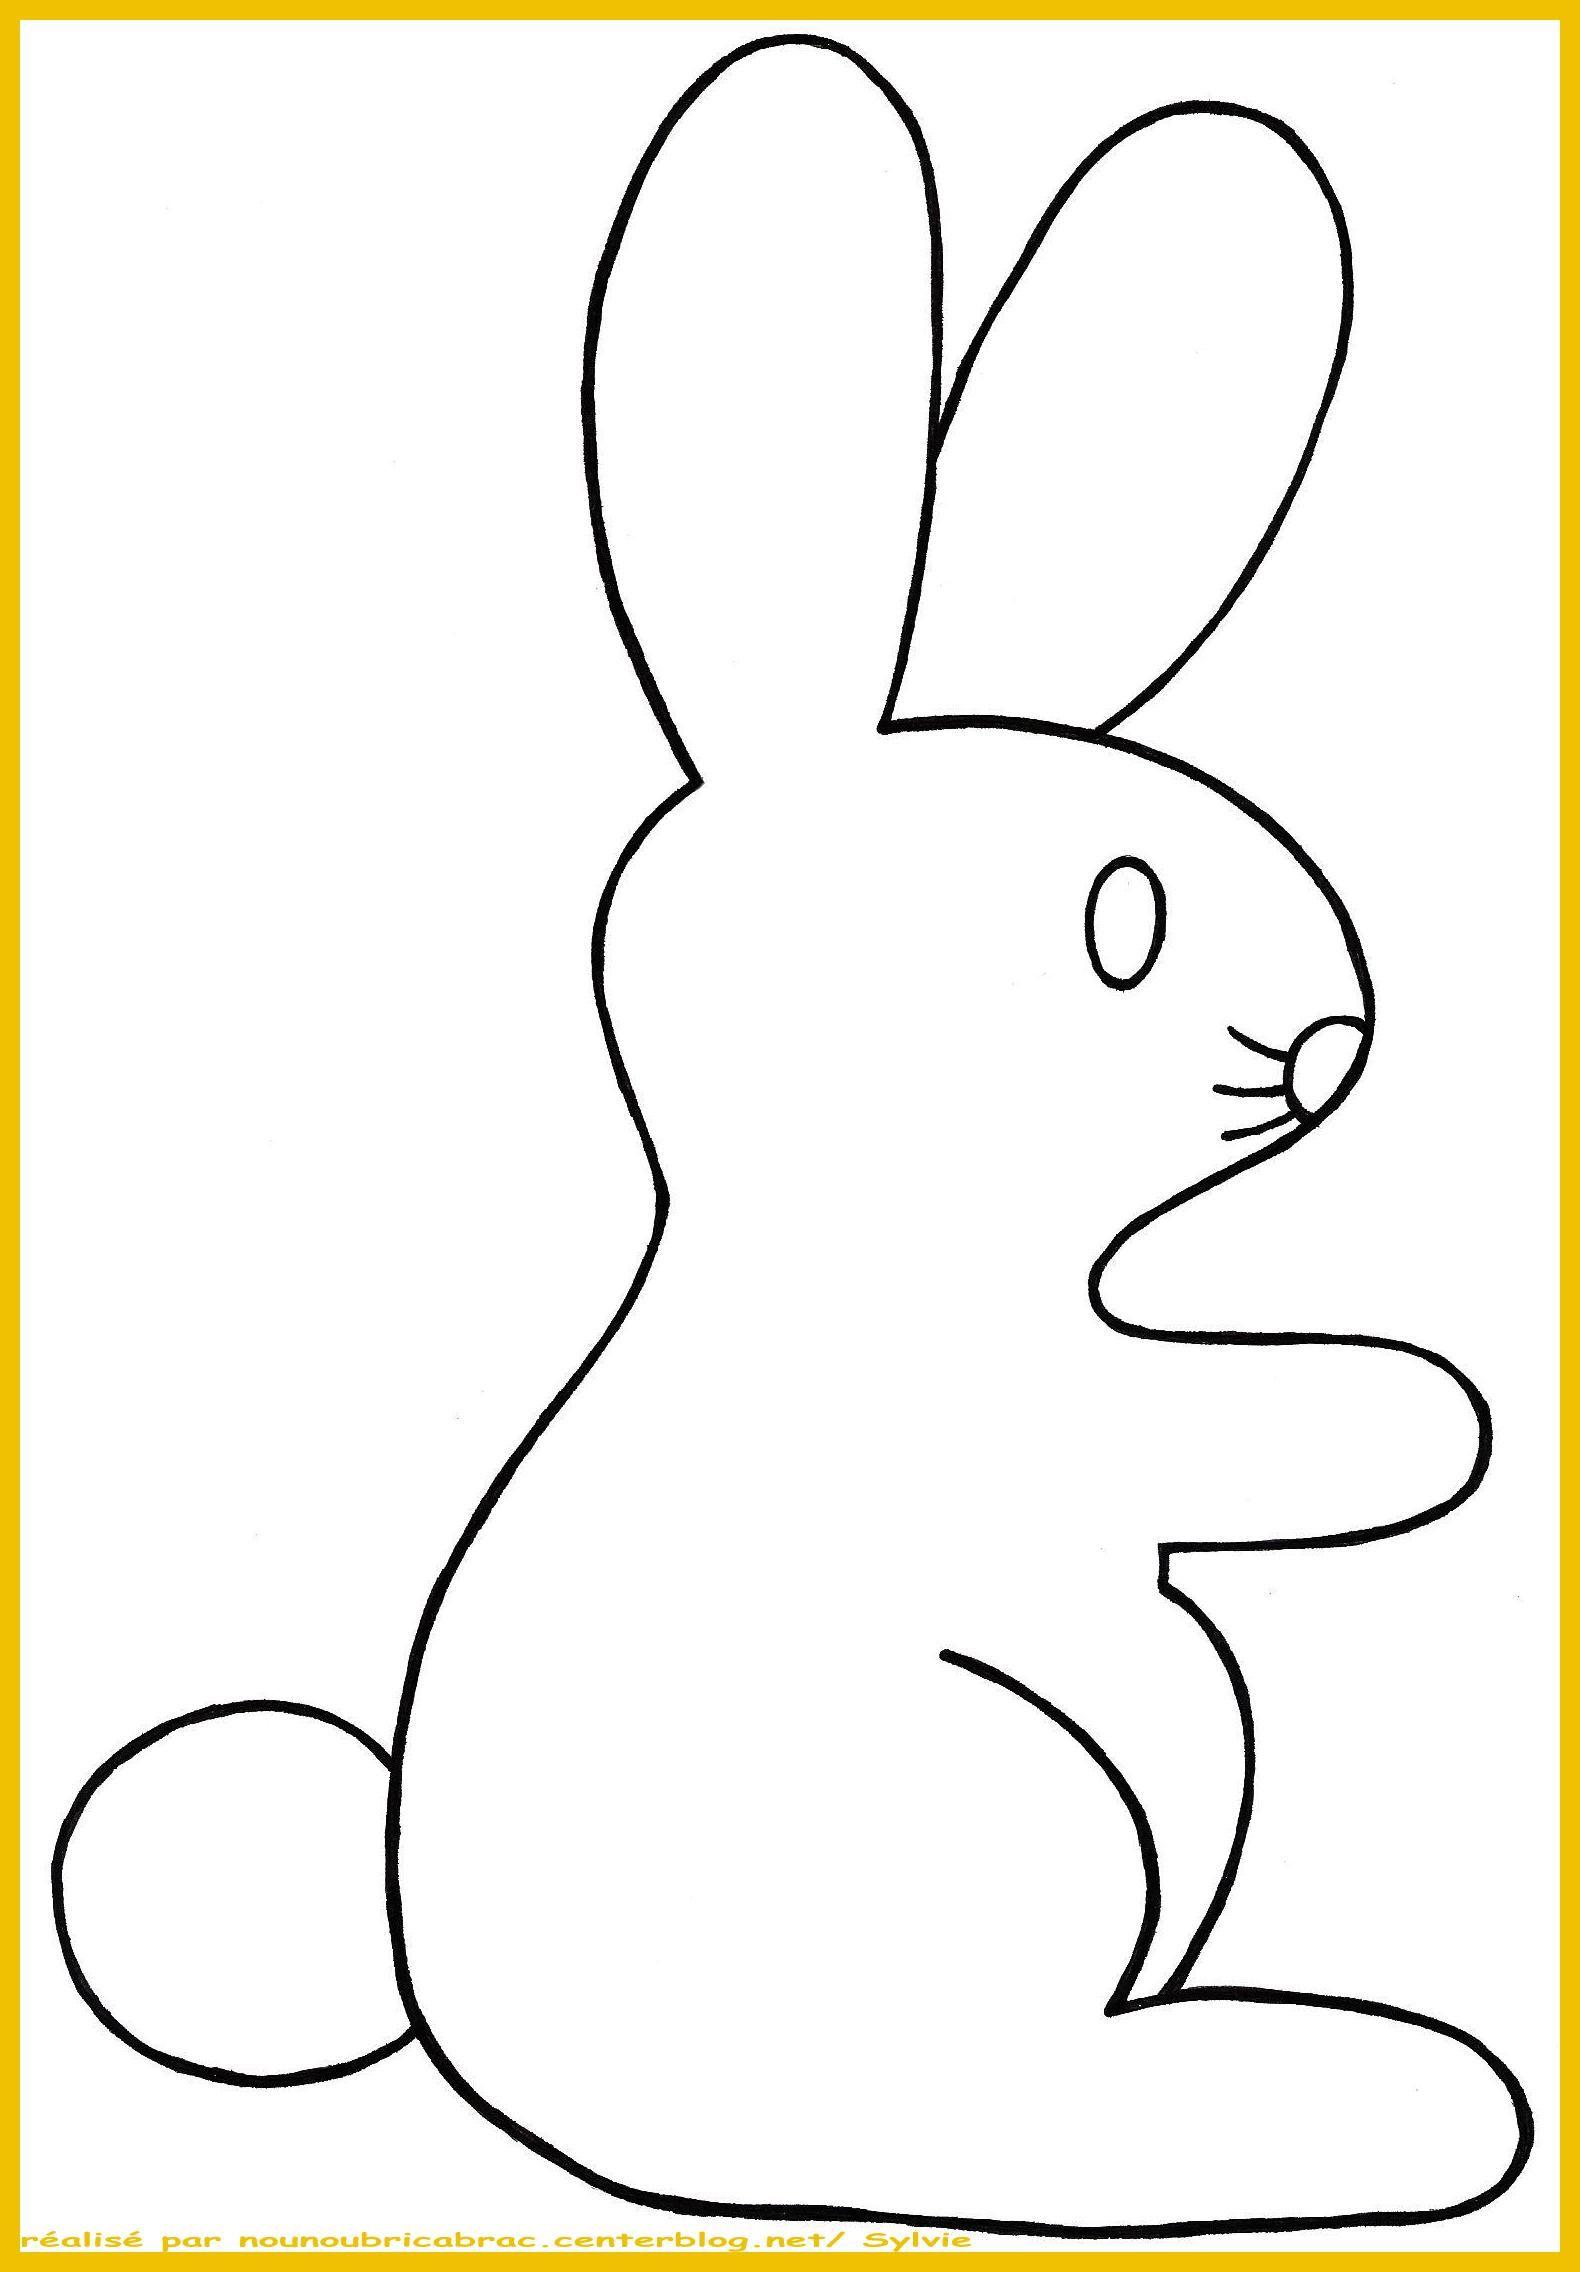 Lapin de p ques 1 gabarit tourn vers la droite p ques pinterest lapin de p ques - Bricolage lapin de paques ...